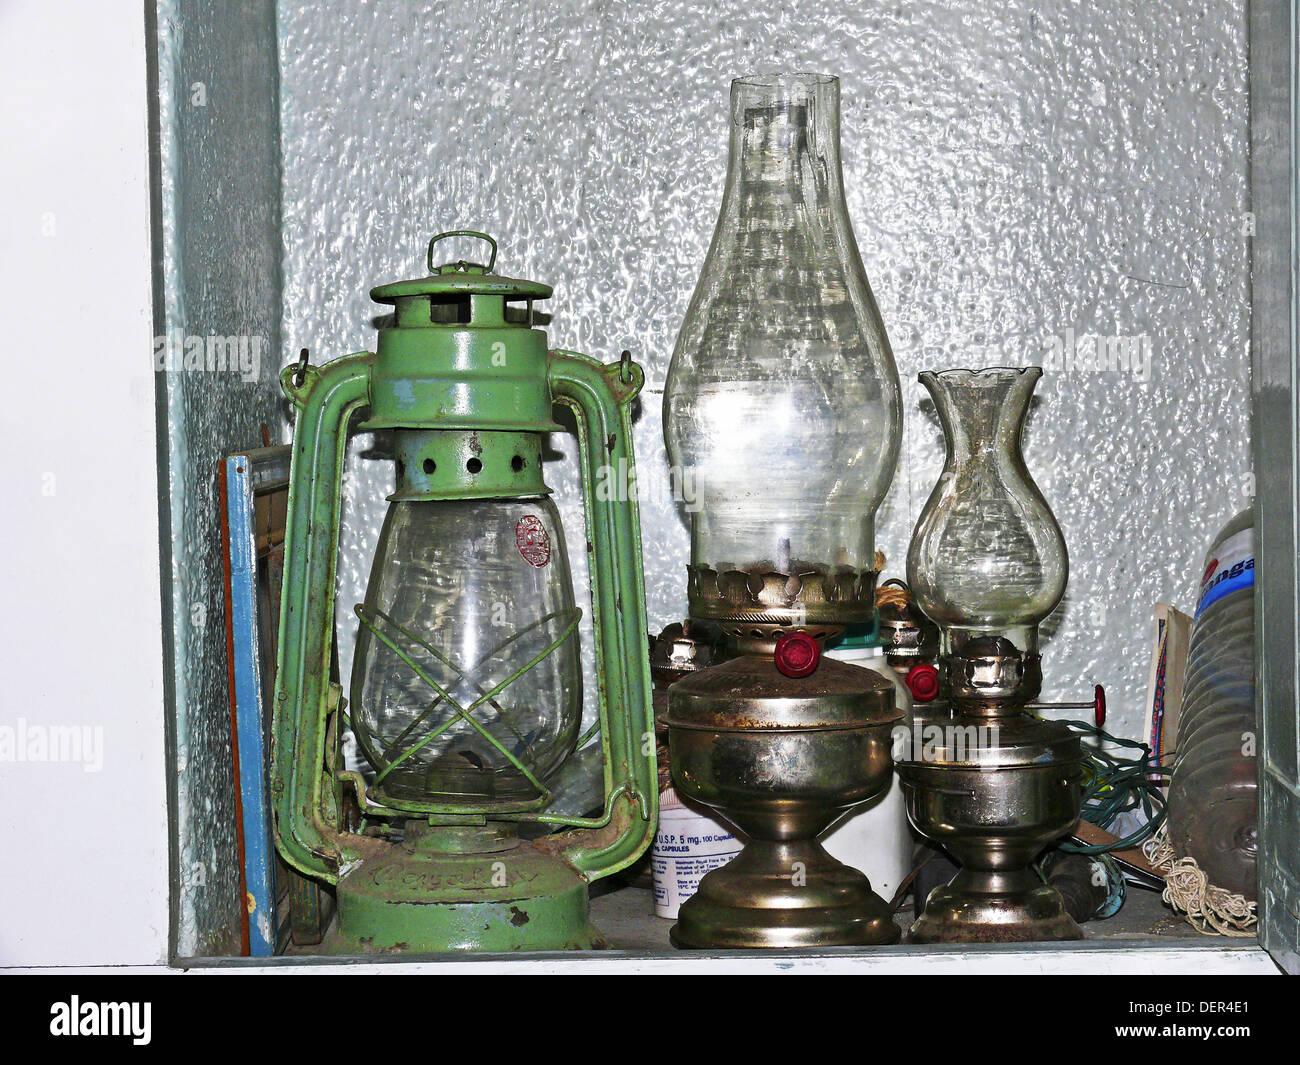 Antique lantern and kerosene lamps. Pune, Maharashtra, India. - Stock Image